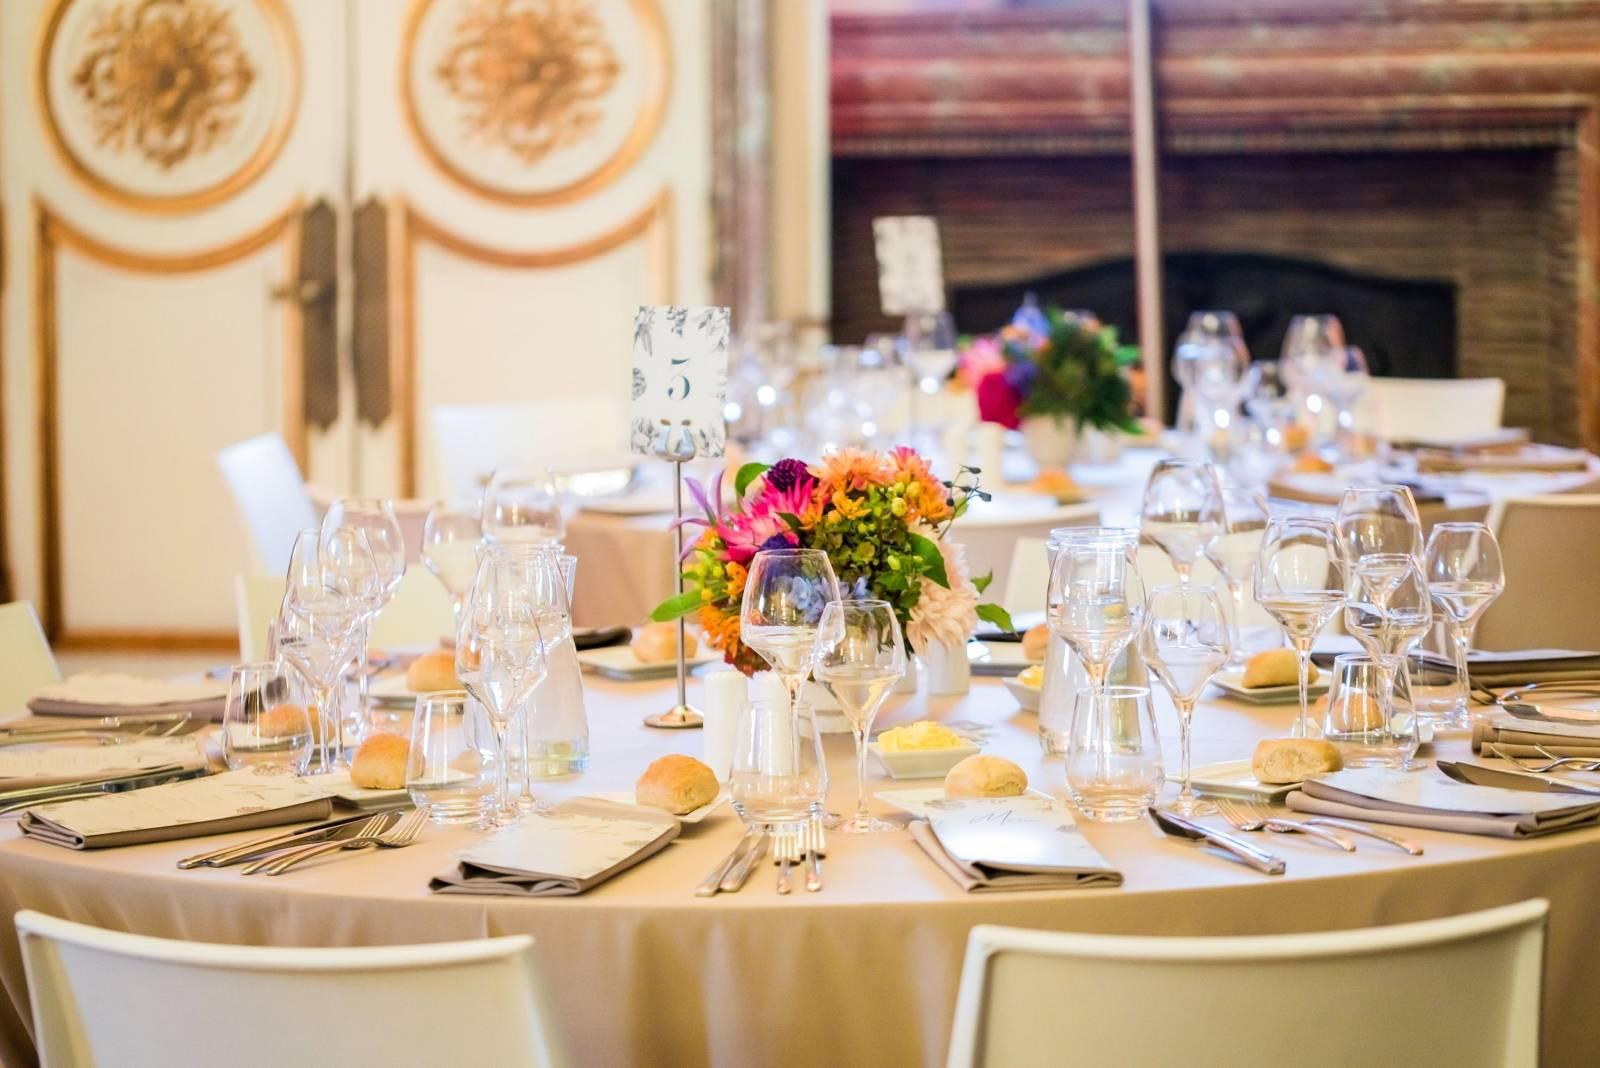 Biorganic - Catering - Cateraar - Traiteur - Biologisch - House of Weddings - 23